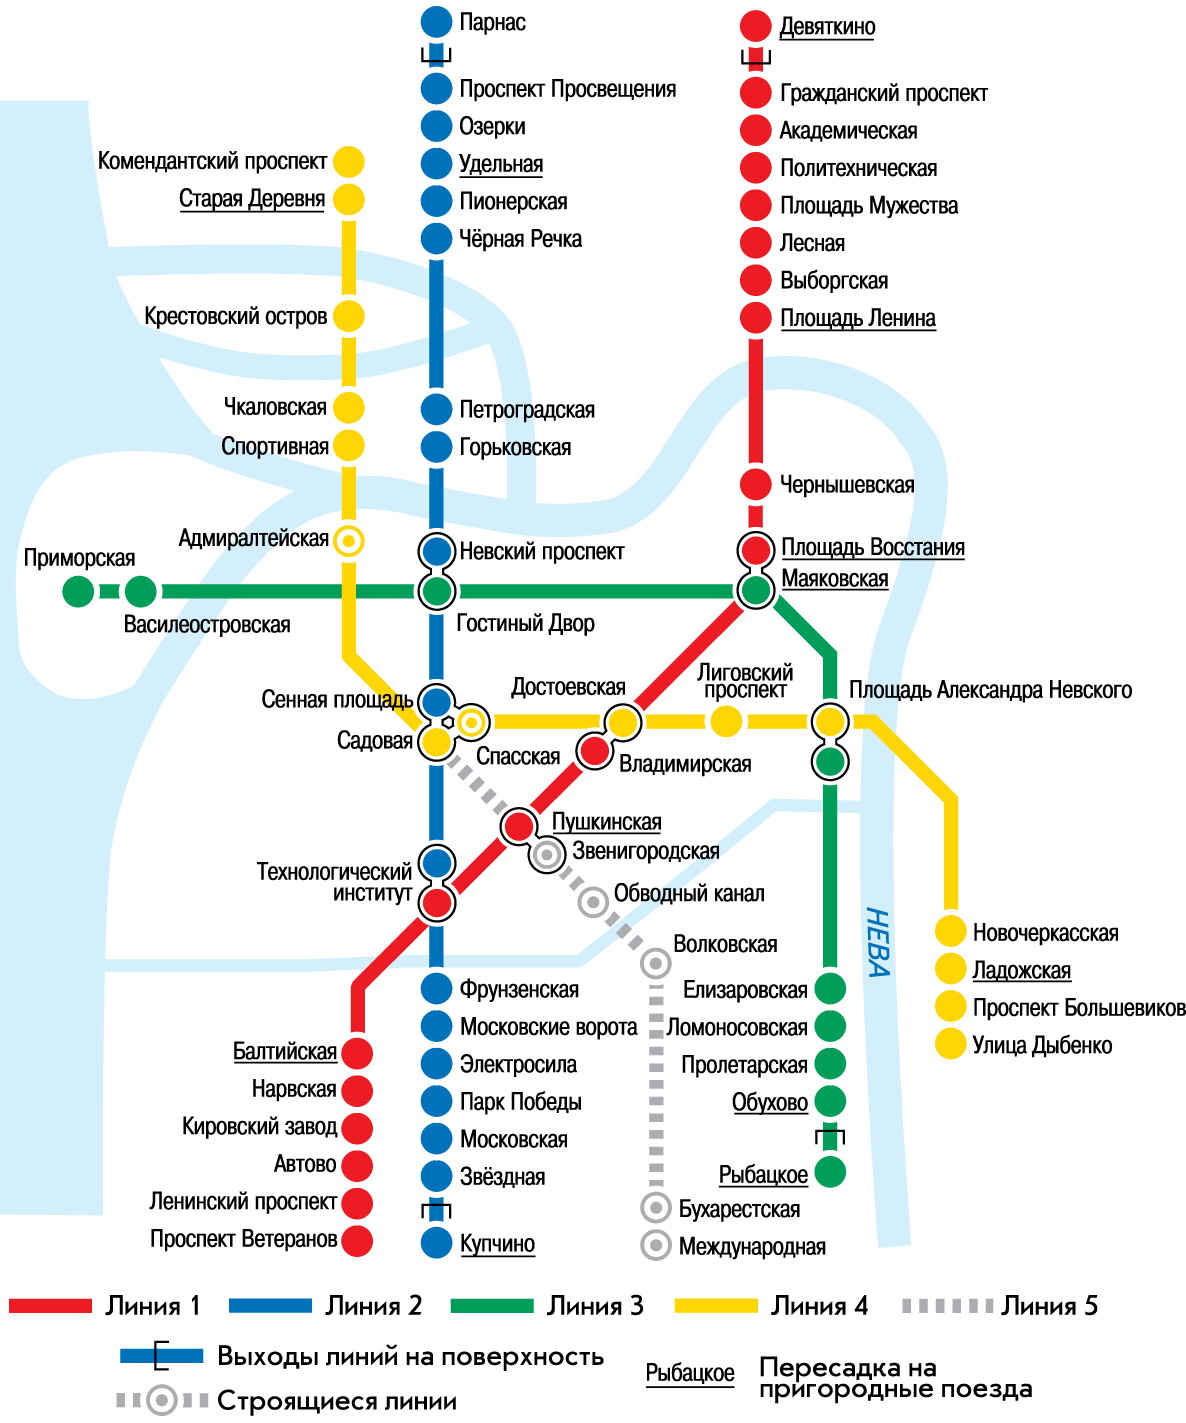 метро спб картинка схема жесткая, при